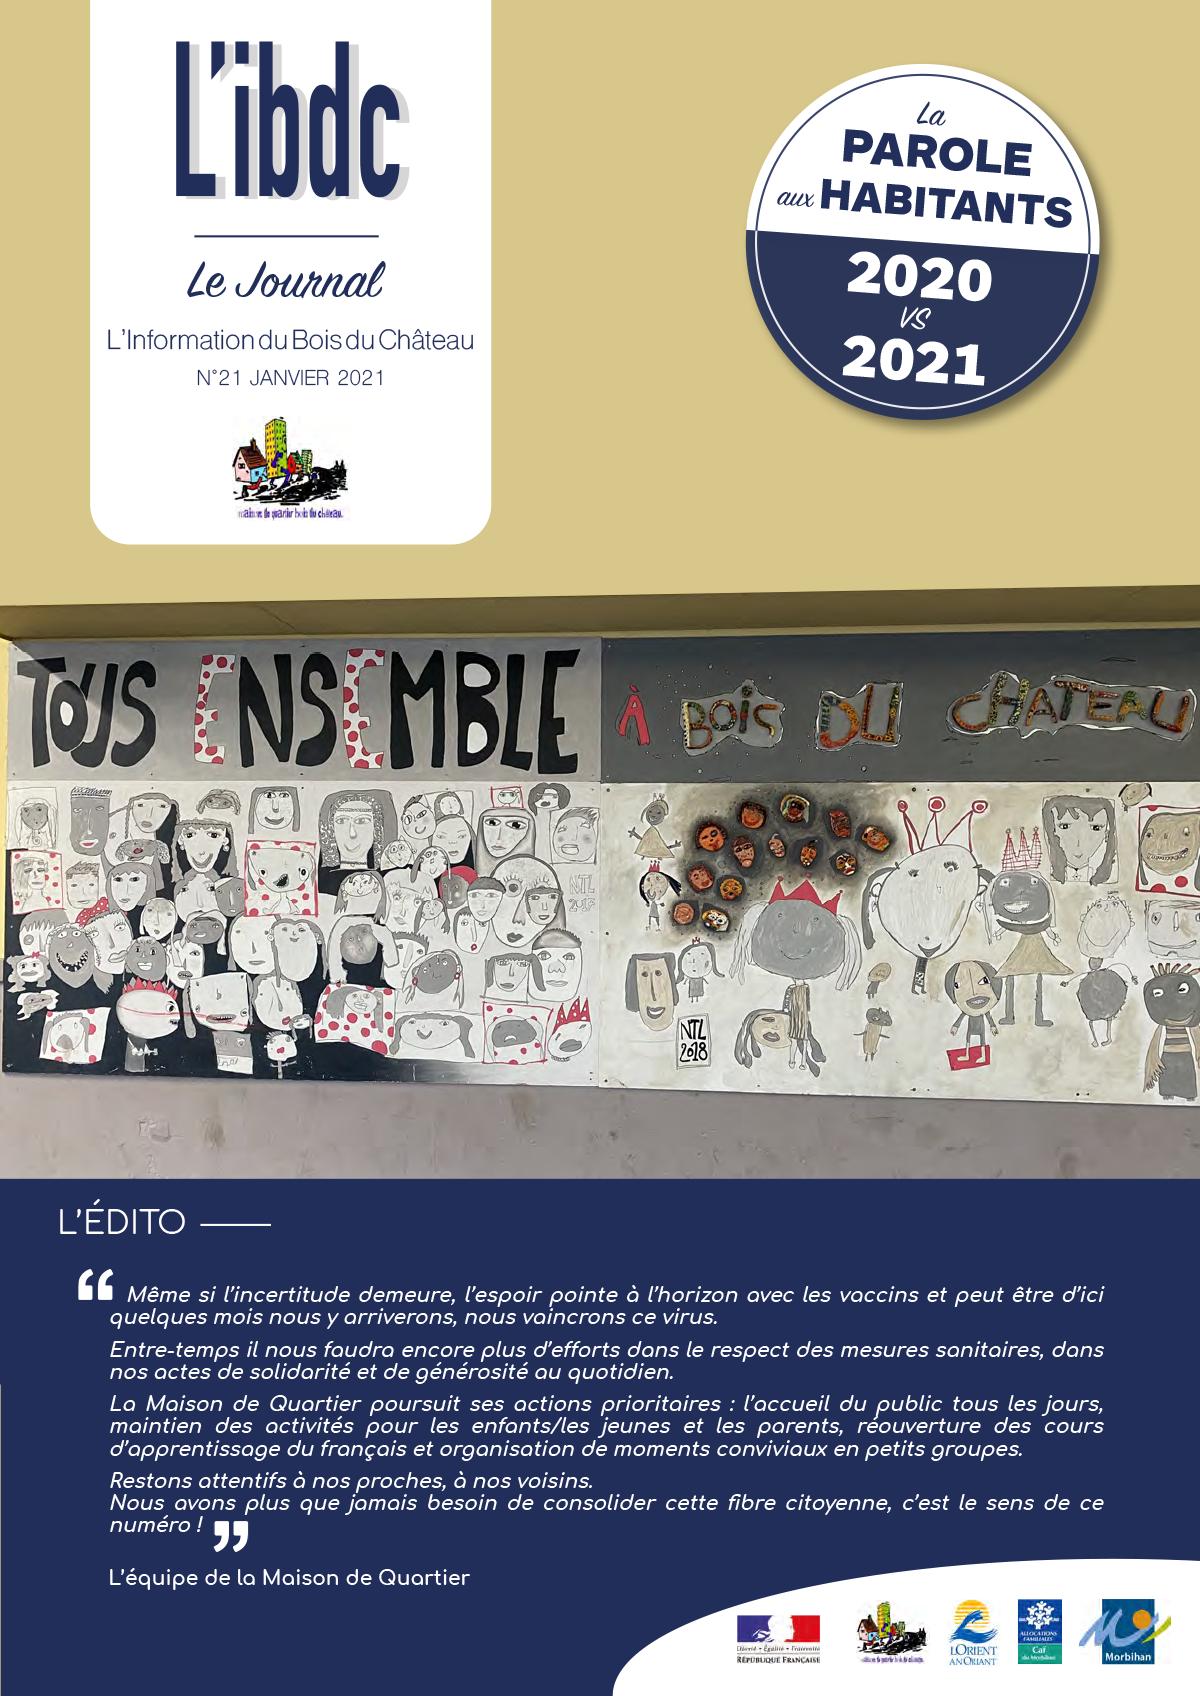 JOURNAL L'IBDC - janvier 2021 - La parole aux habitants !